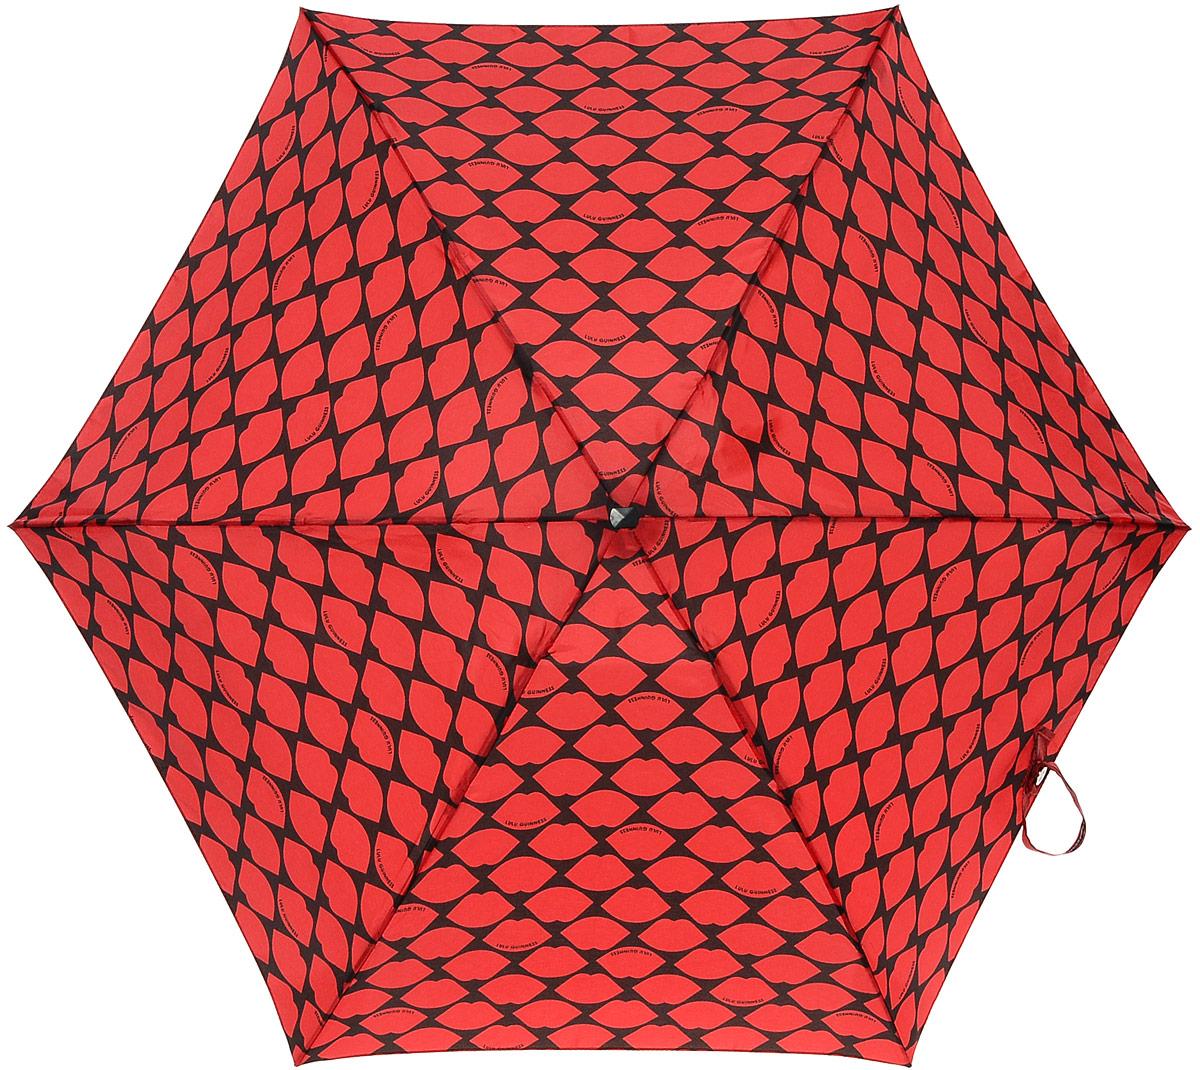 Зонт женский Lulu Guinness Tiny, механический, 5 сложений, цвет: черный, темно-красный. L717-2681REM12-CAM-GREENBLACKСтильный механический зонт Lulu Guinness Tiny в 5 сложений даже в ненастную погоду позволит вам оставаться элегантной. Облегченный каркас зонта выполнен из 6 спиц из фибергласса и алюминия, стержень также изготовлен из алюминия, удобная рукоятка - из пластика. Купол зонта выполнен из прочного полиэстера. В закрытом виде застегивается хлястиком на липучке. Яркий оригинальный принт в виде изображения губ поднимет настроение в дождливый день.Зонт механического сложения: купол открывается и закрывается вручную до характерного щелчка.На рукоятке для удобства есть небольшой шнурок, позволяющий надеть зонт на руку тогда, когда это будет необходимо. К зонту прилагается чехол с небольшой нашивкой с названием бренда. Такой зонт компактно располагается в кармане, сумочке, дверке автомобиля.